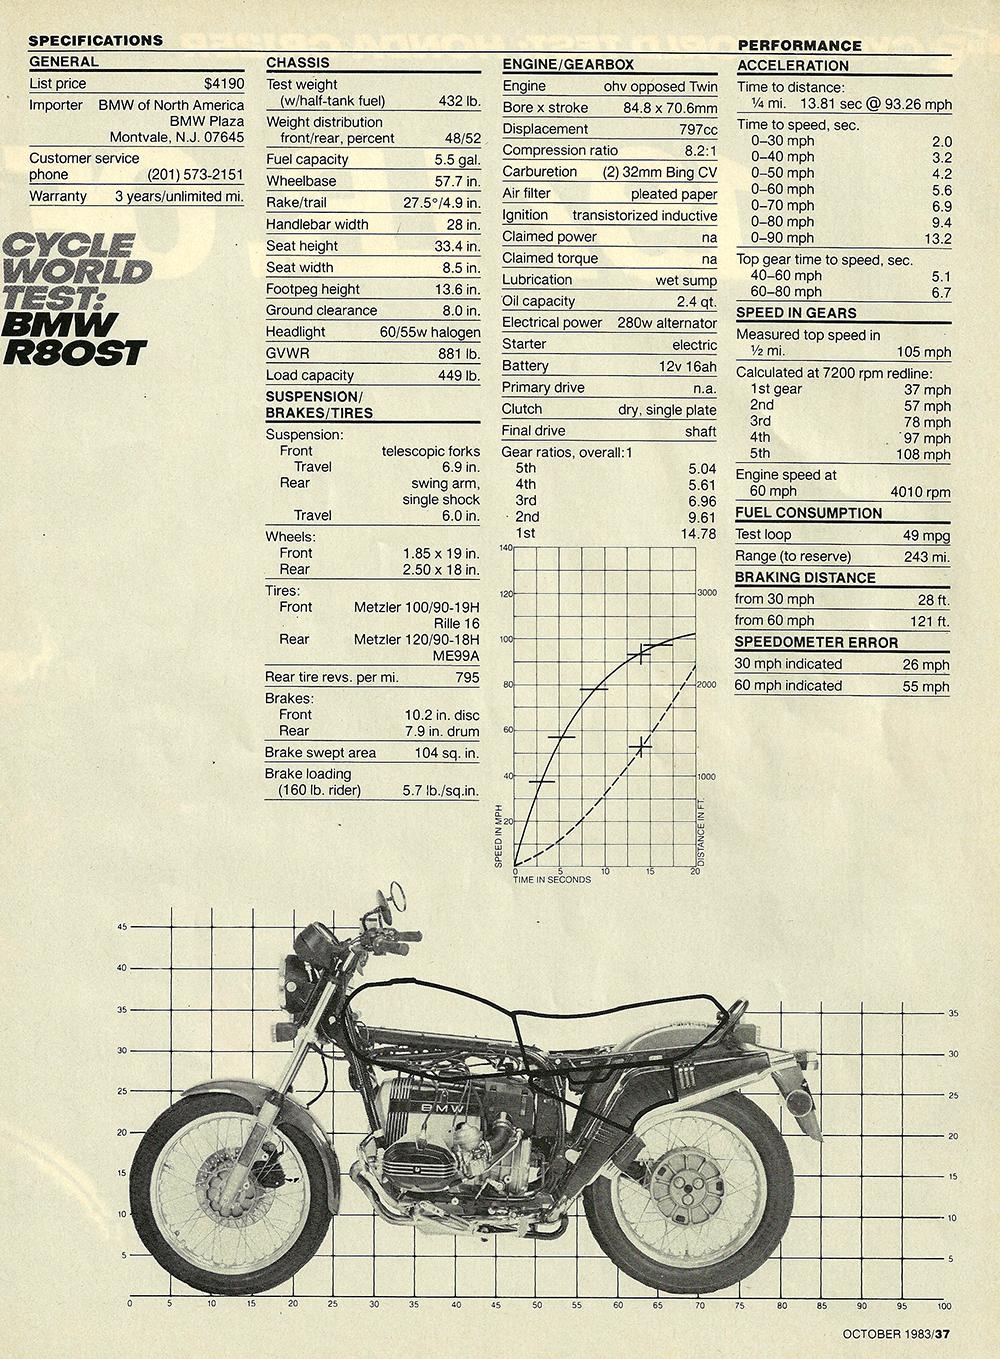 1983 BMW R80ST road test 05.jpg